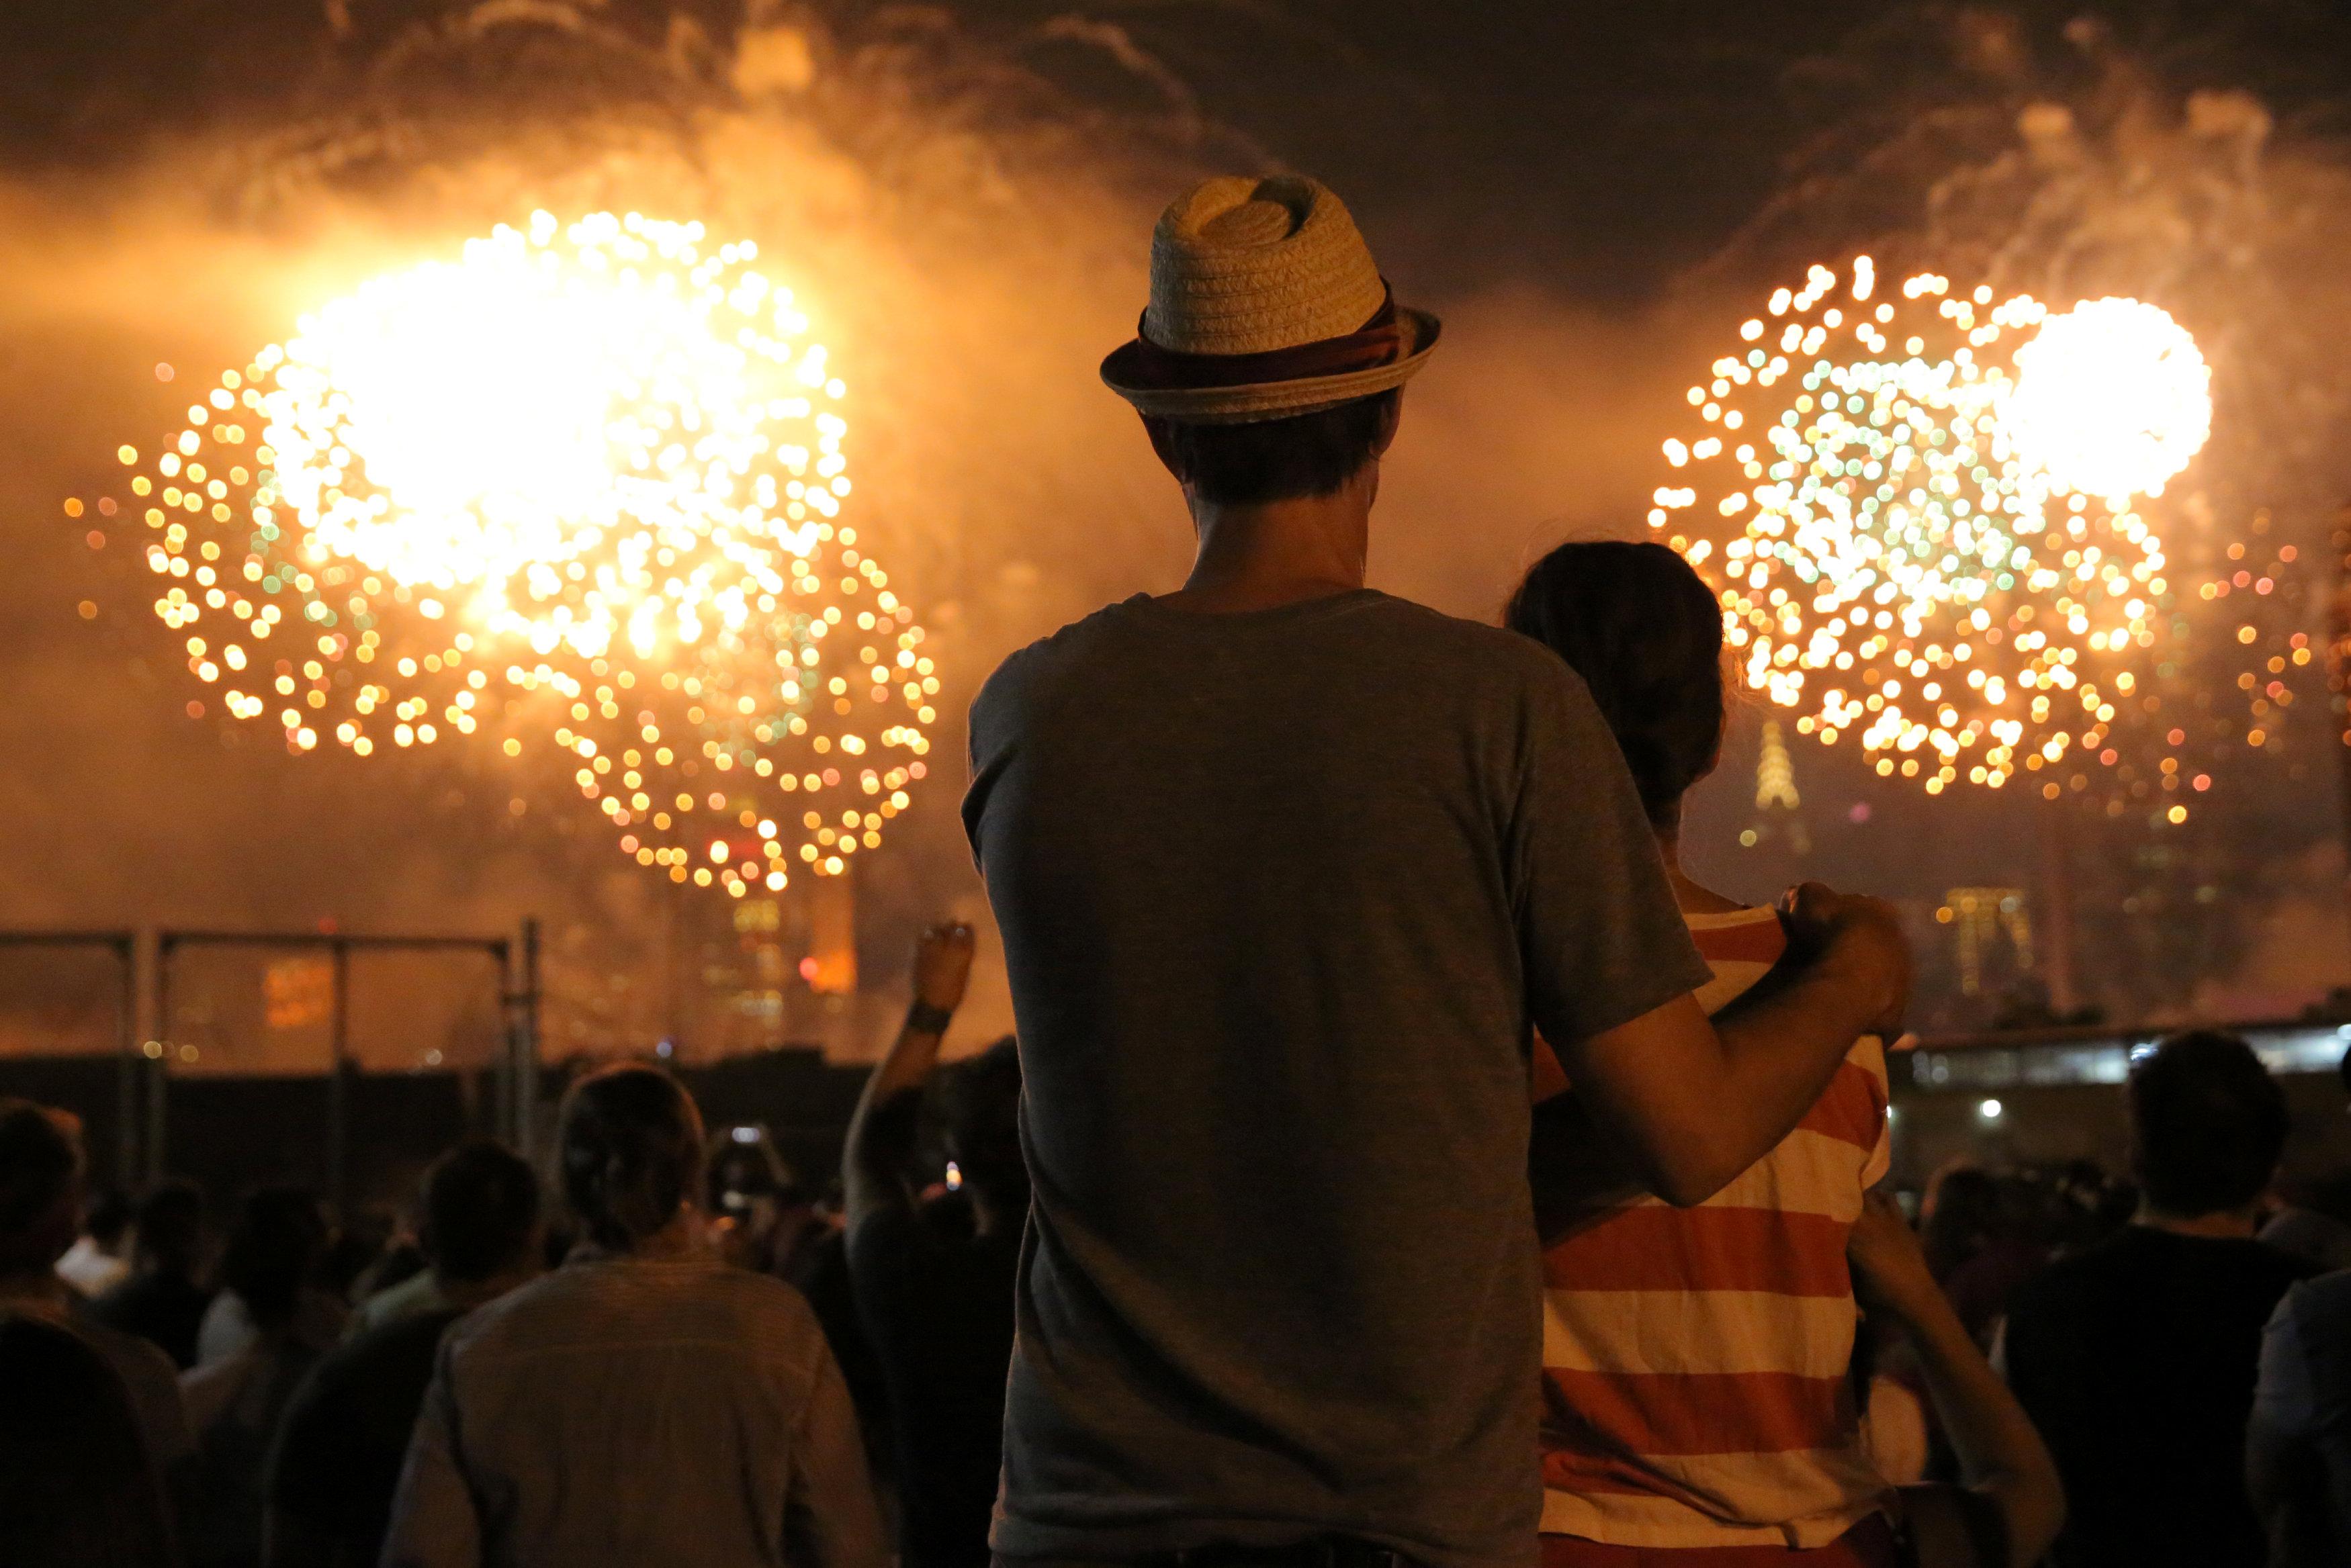 ألعاب نارية ضخمة فى احتفالات أمريكا بعيد الاستقلال - اليوم السابع